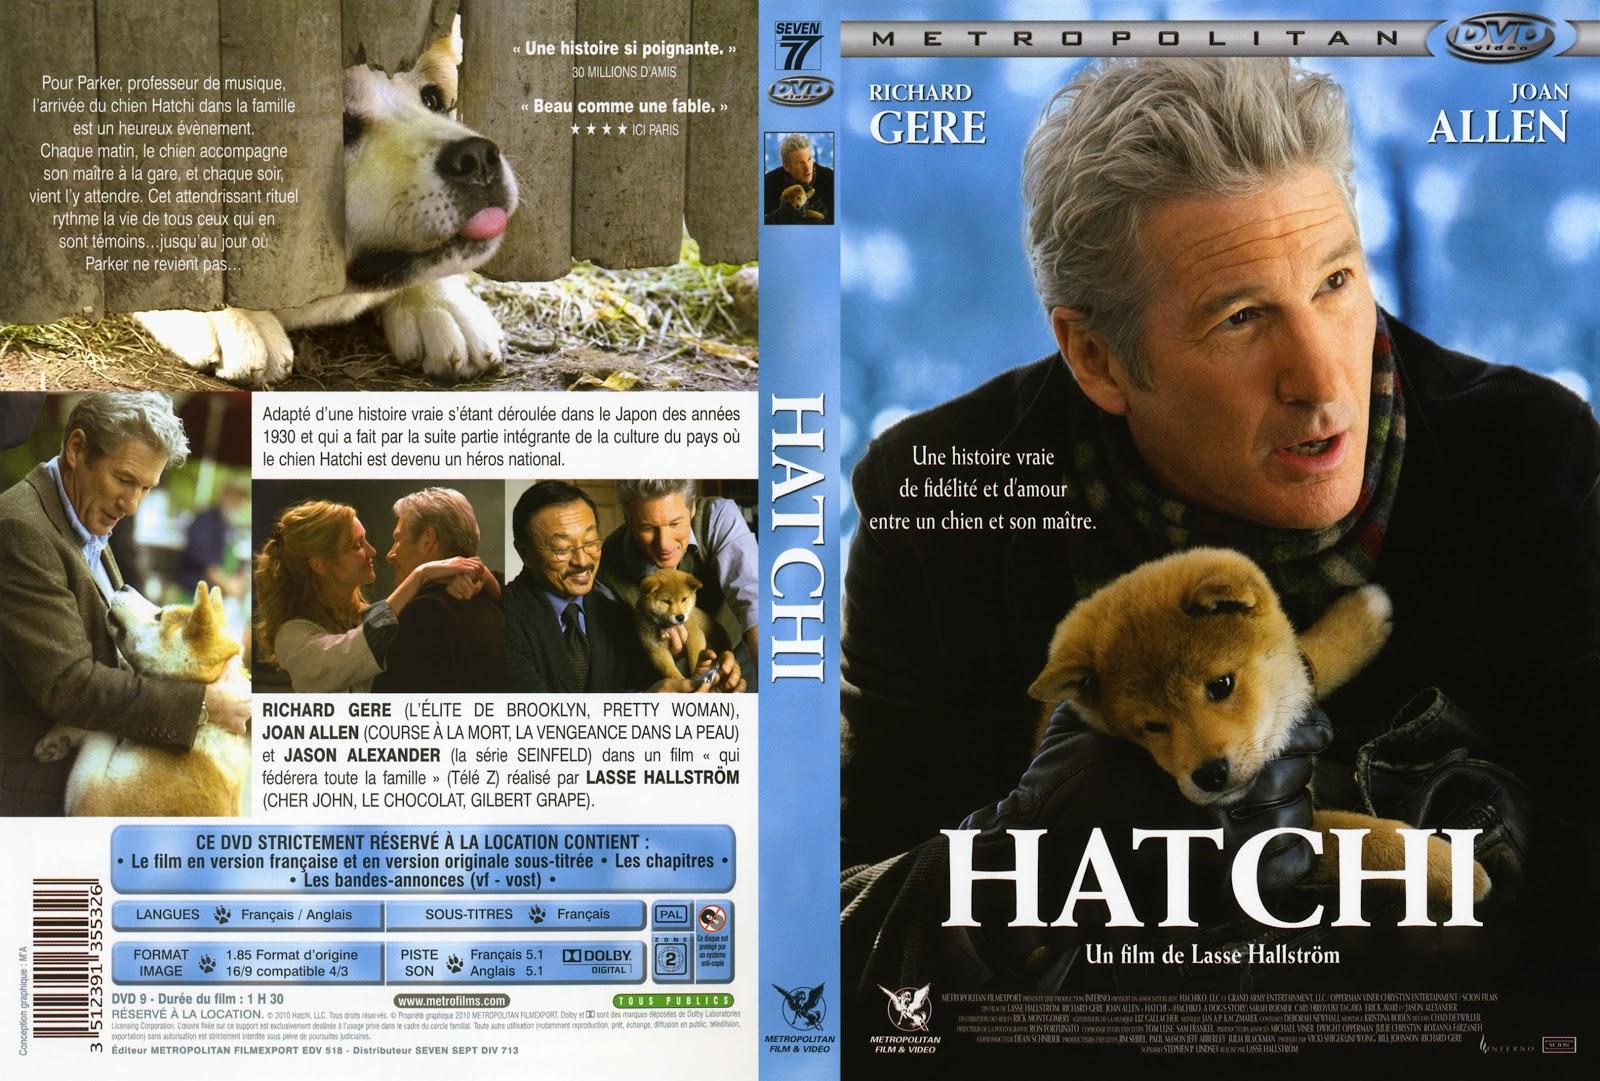 JAQUETTE DVD: Jaquette Dvd Hatchi